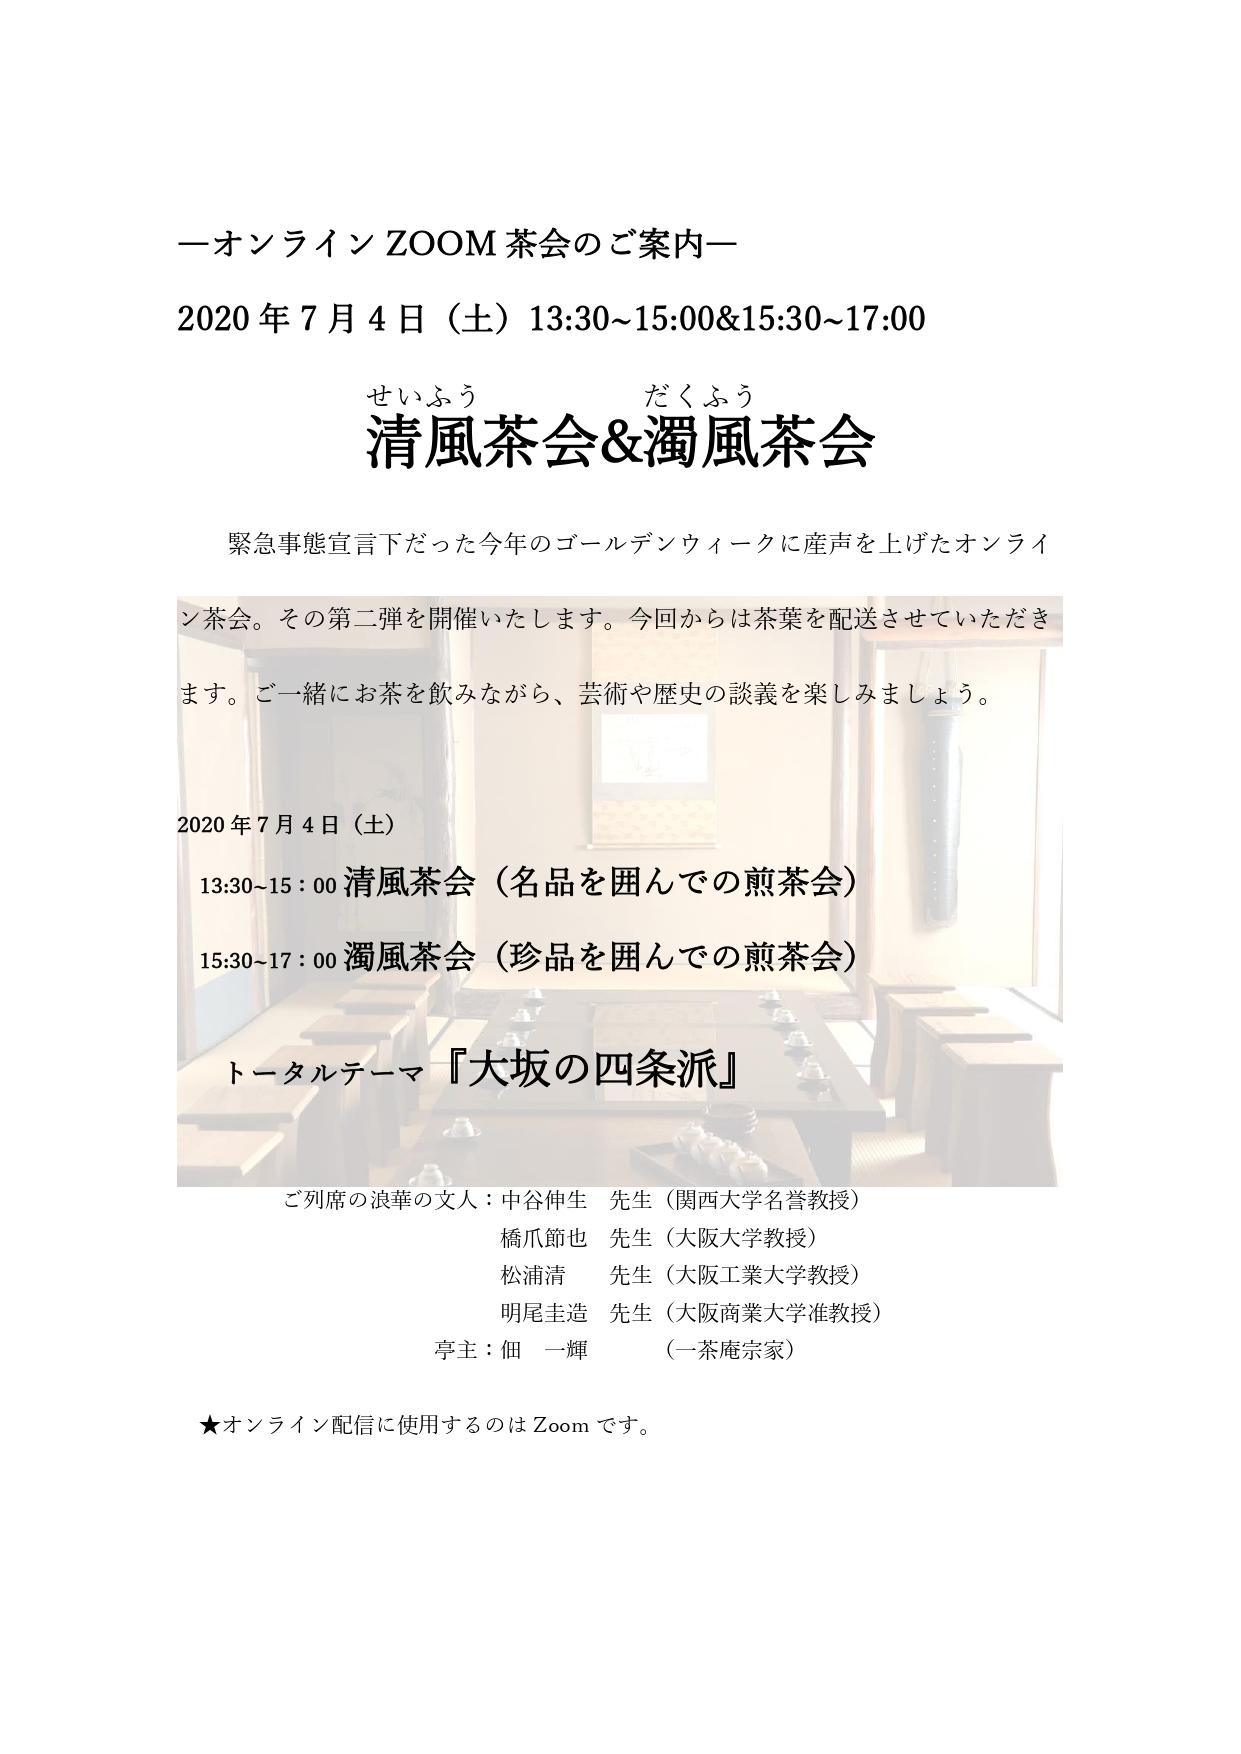 7月4日(土)清風茶会&濁風茶会事前勉強会動画vol.3